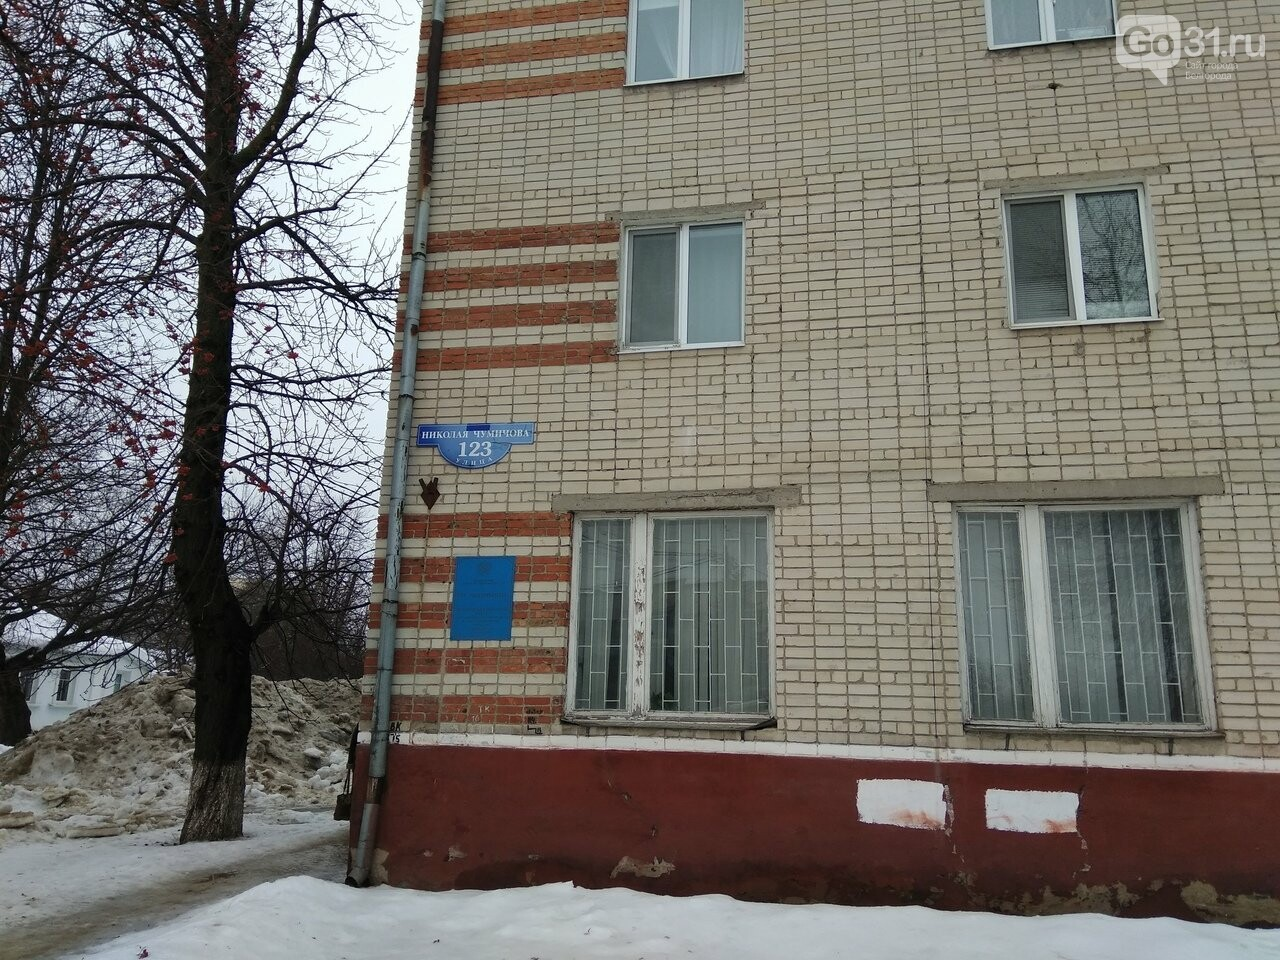 В доме на Чумичова обрушилась крыша из-за плохой работы управляющей компании по очистке снега, фото-7